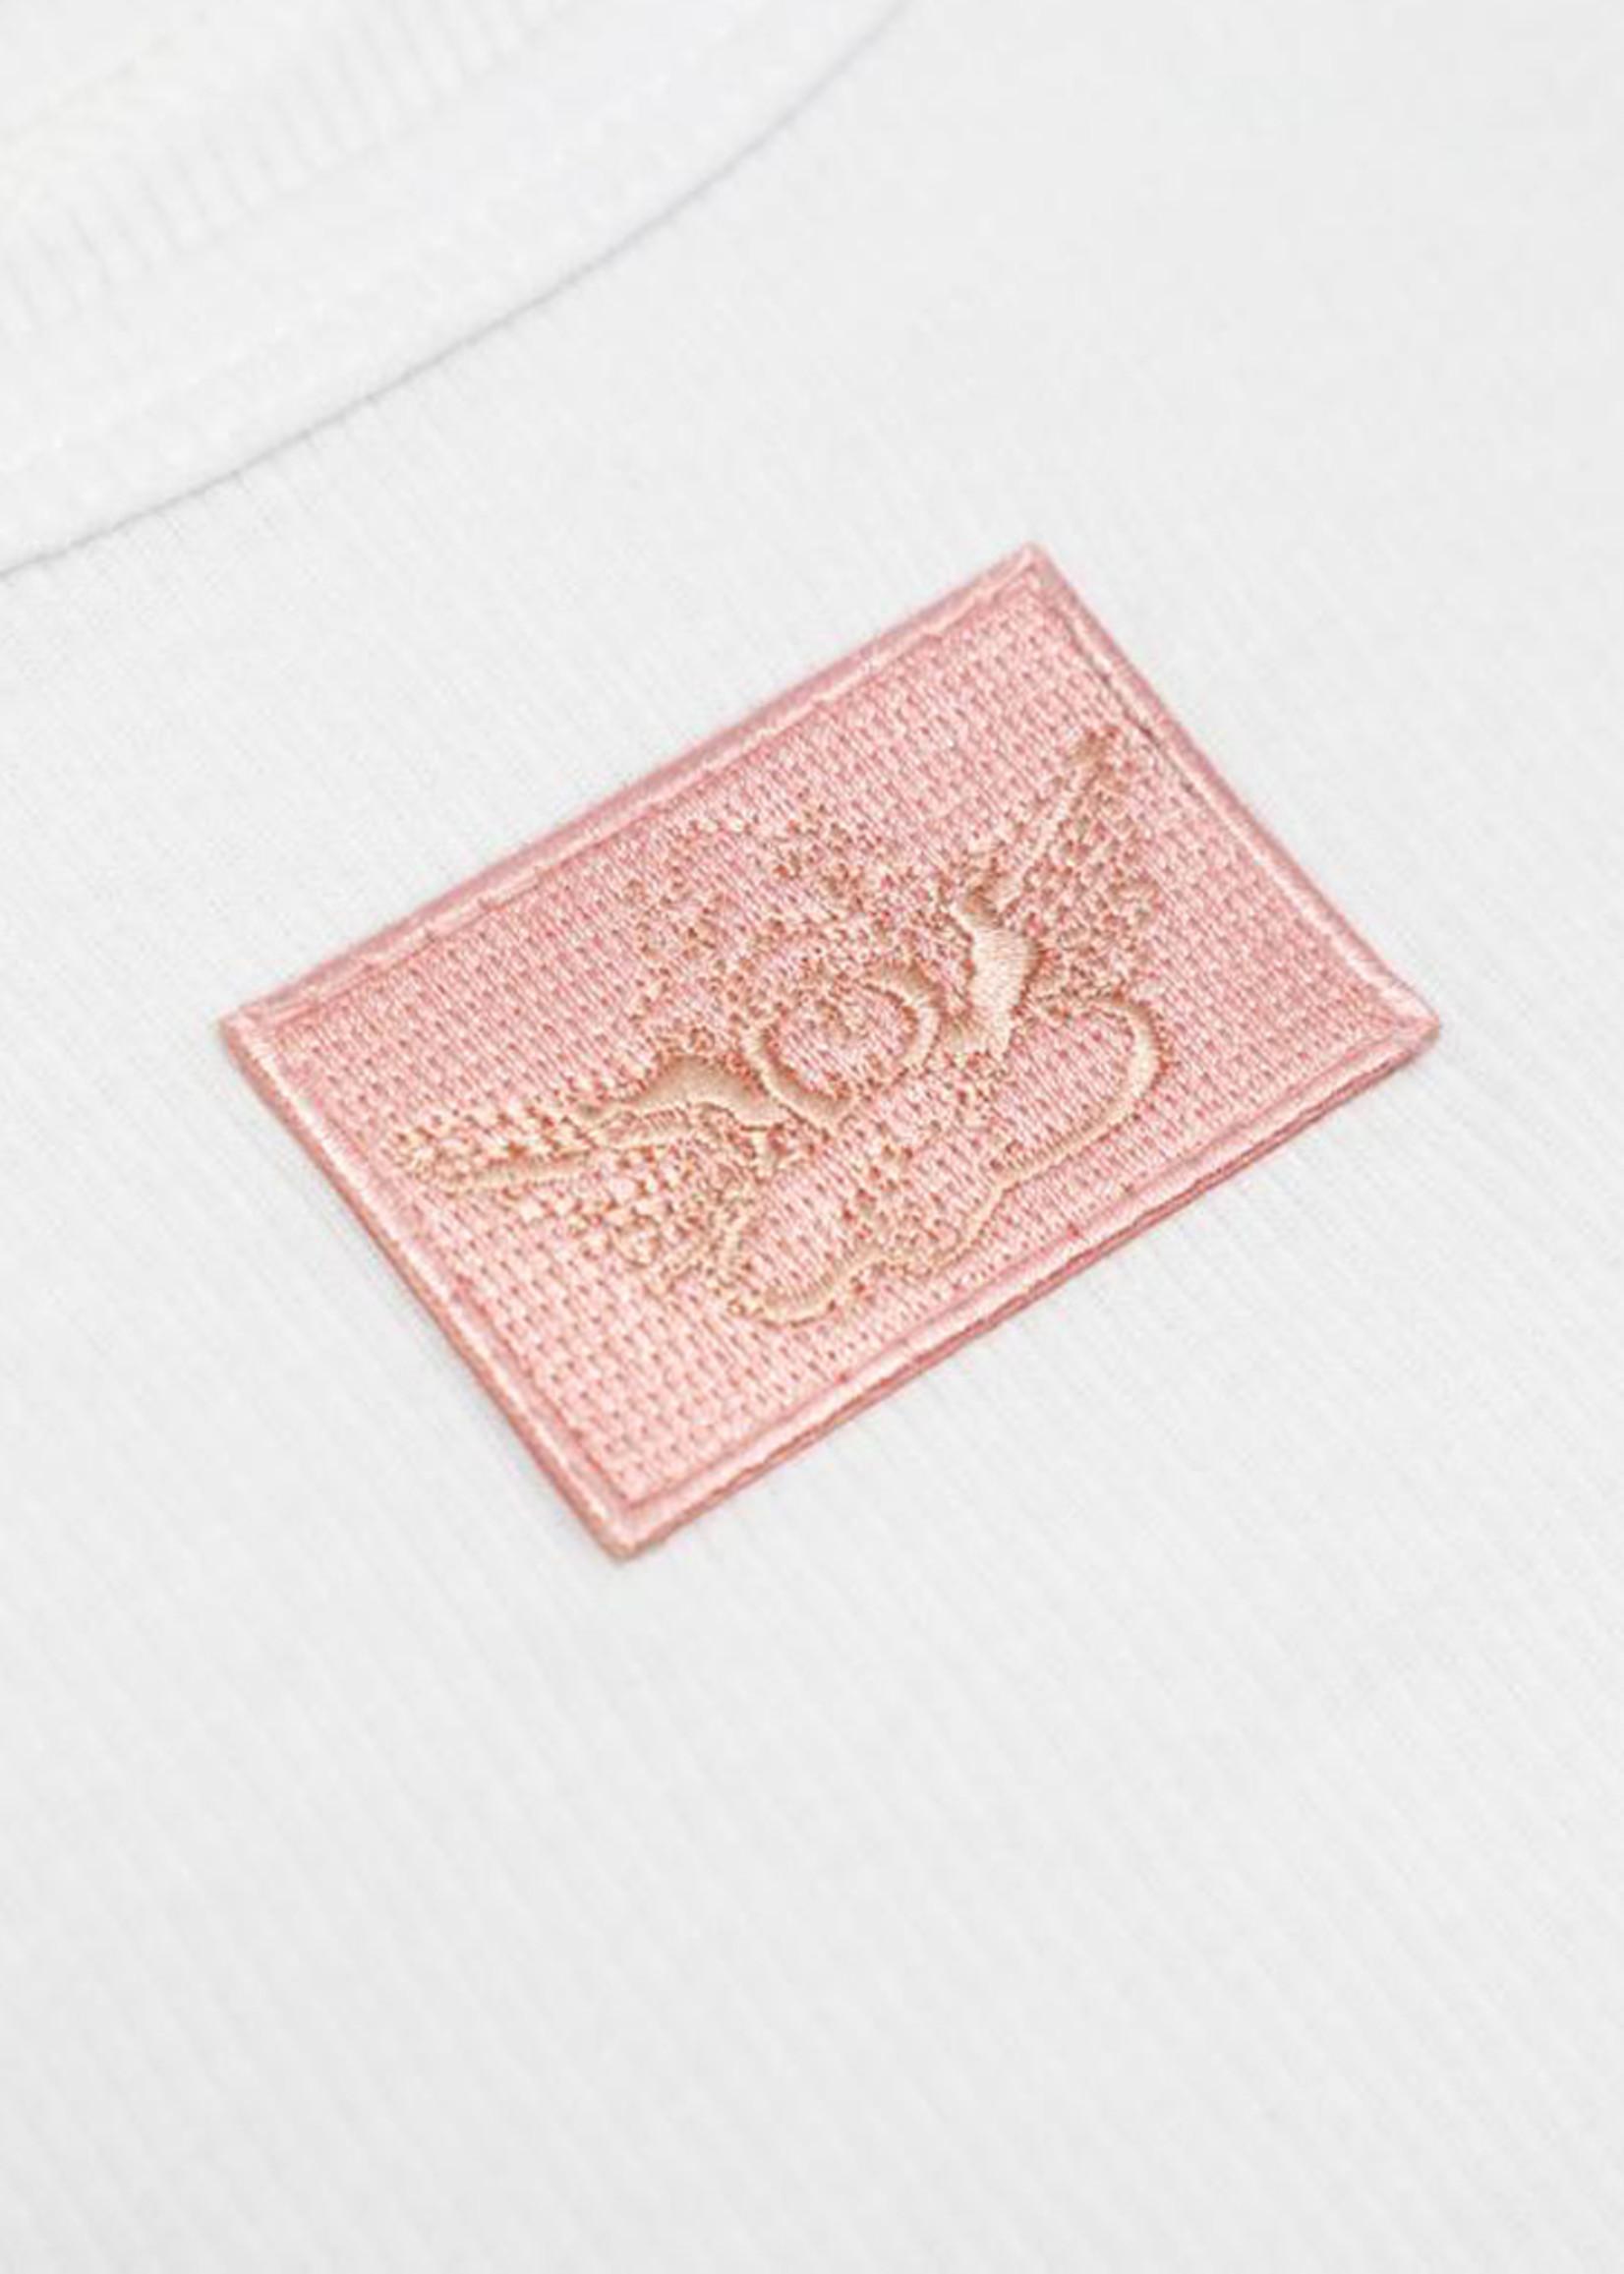 BOYS LIE BOYS LI E / Little White Rib Tank - Pink